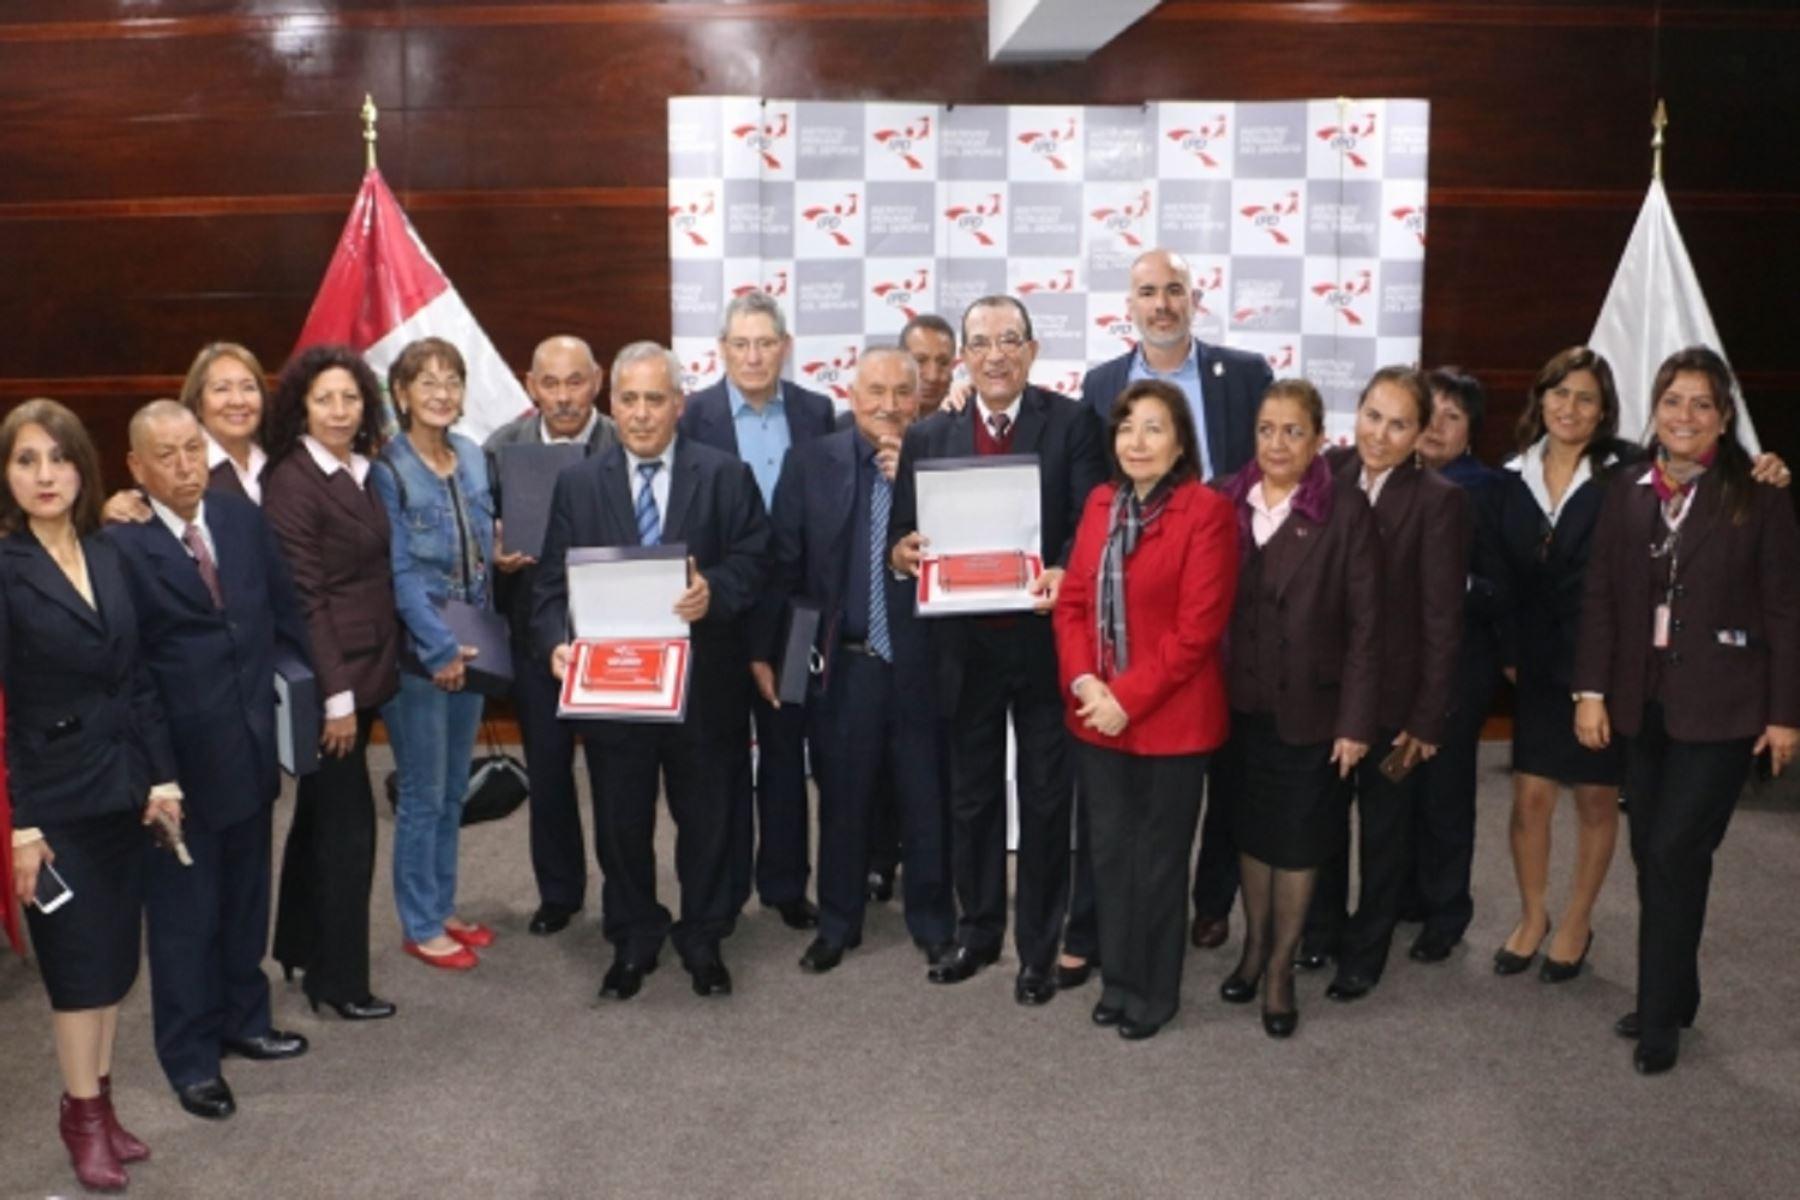 IPD rindió un homenaje a sus servidores públicos al conmemorar 38 aniversario